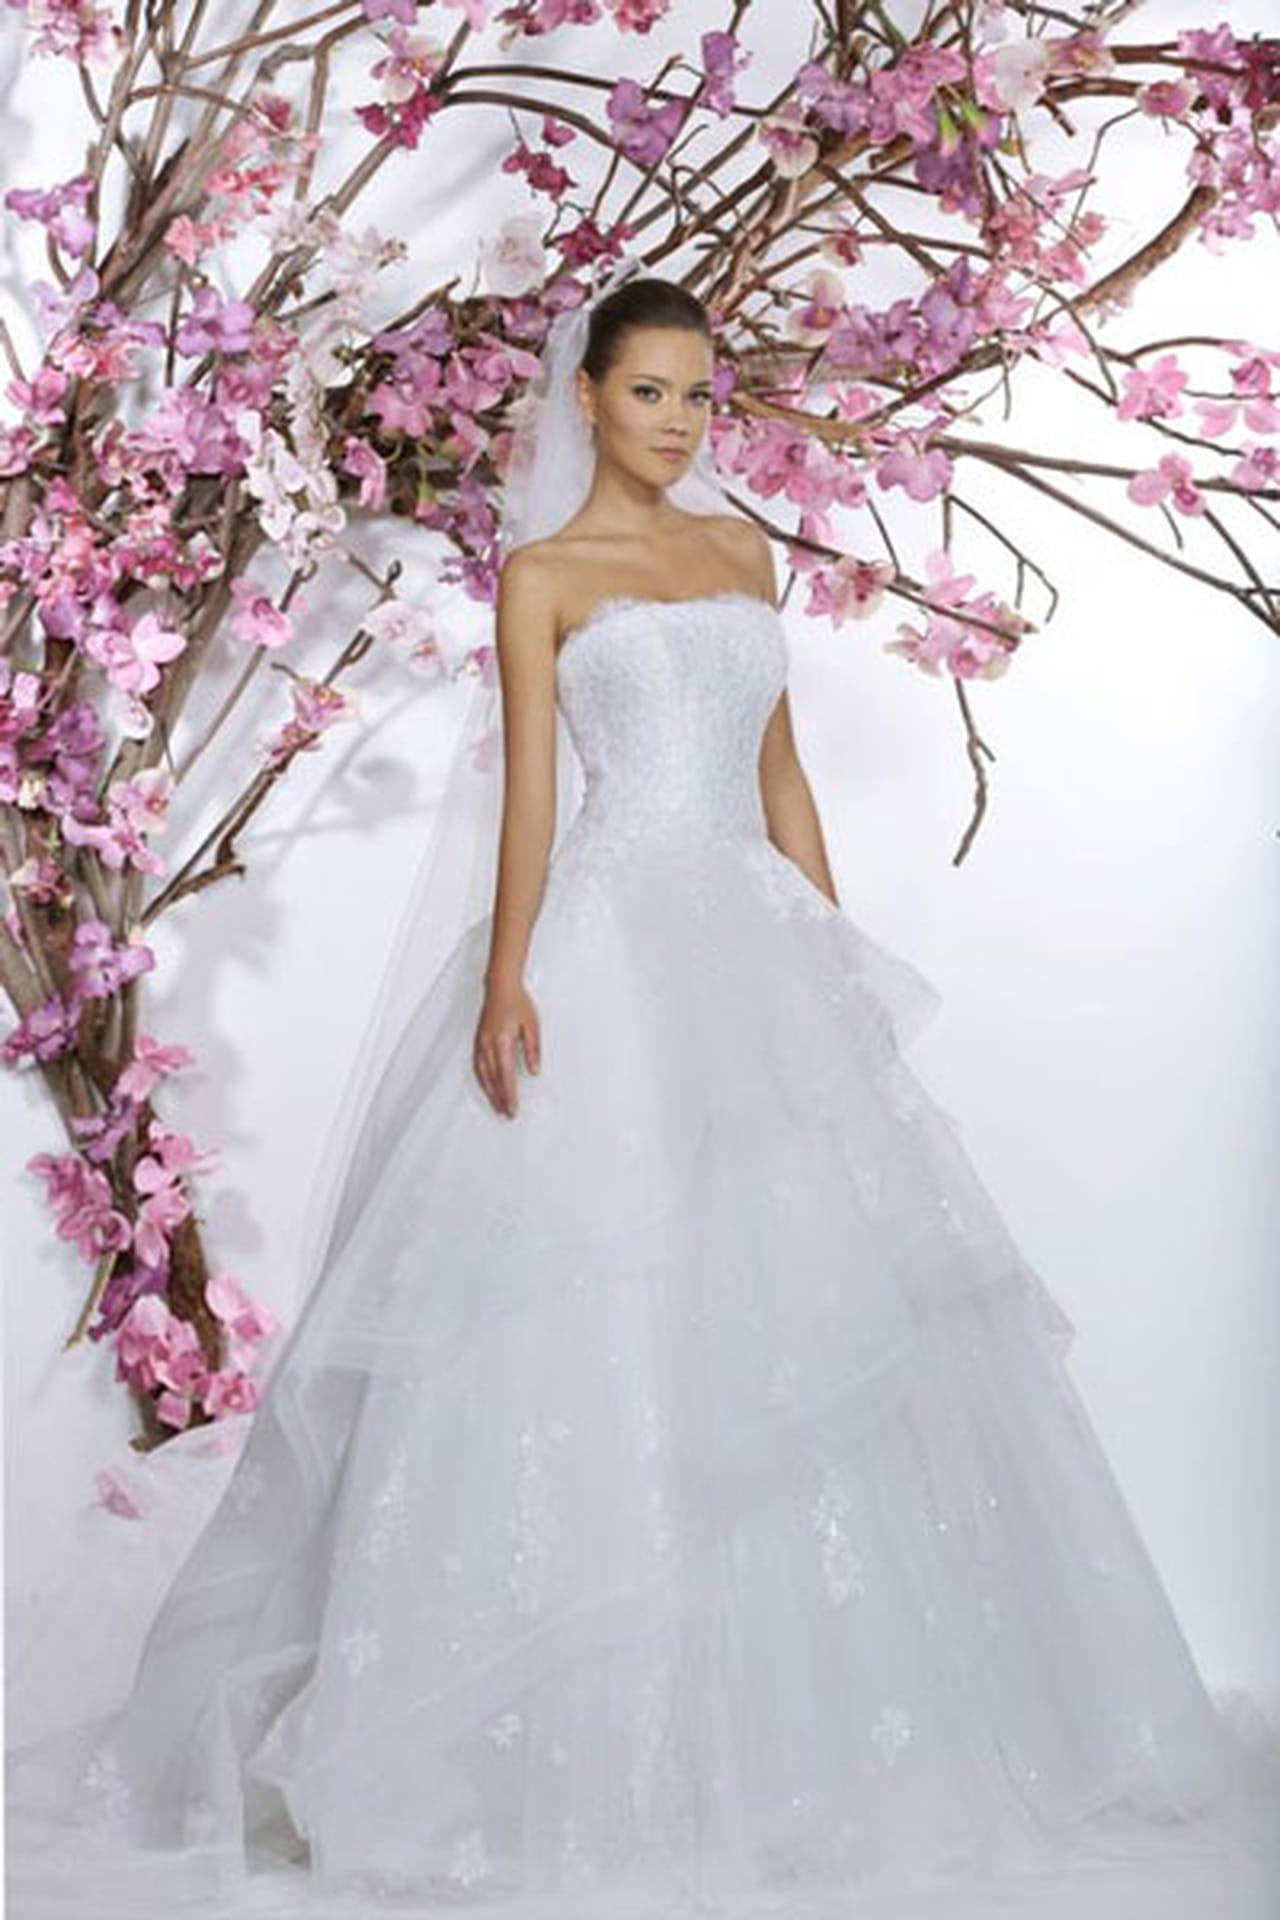 01dbe70c5f935 أجمل فساتين زفاف 2015 من مصممين ازياء لبنانيين